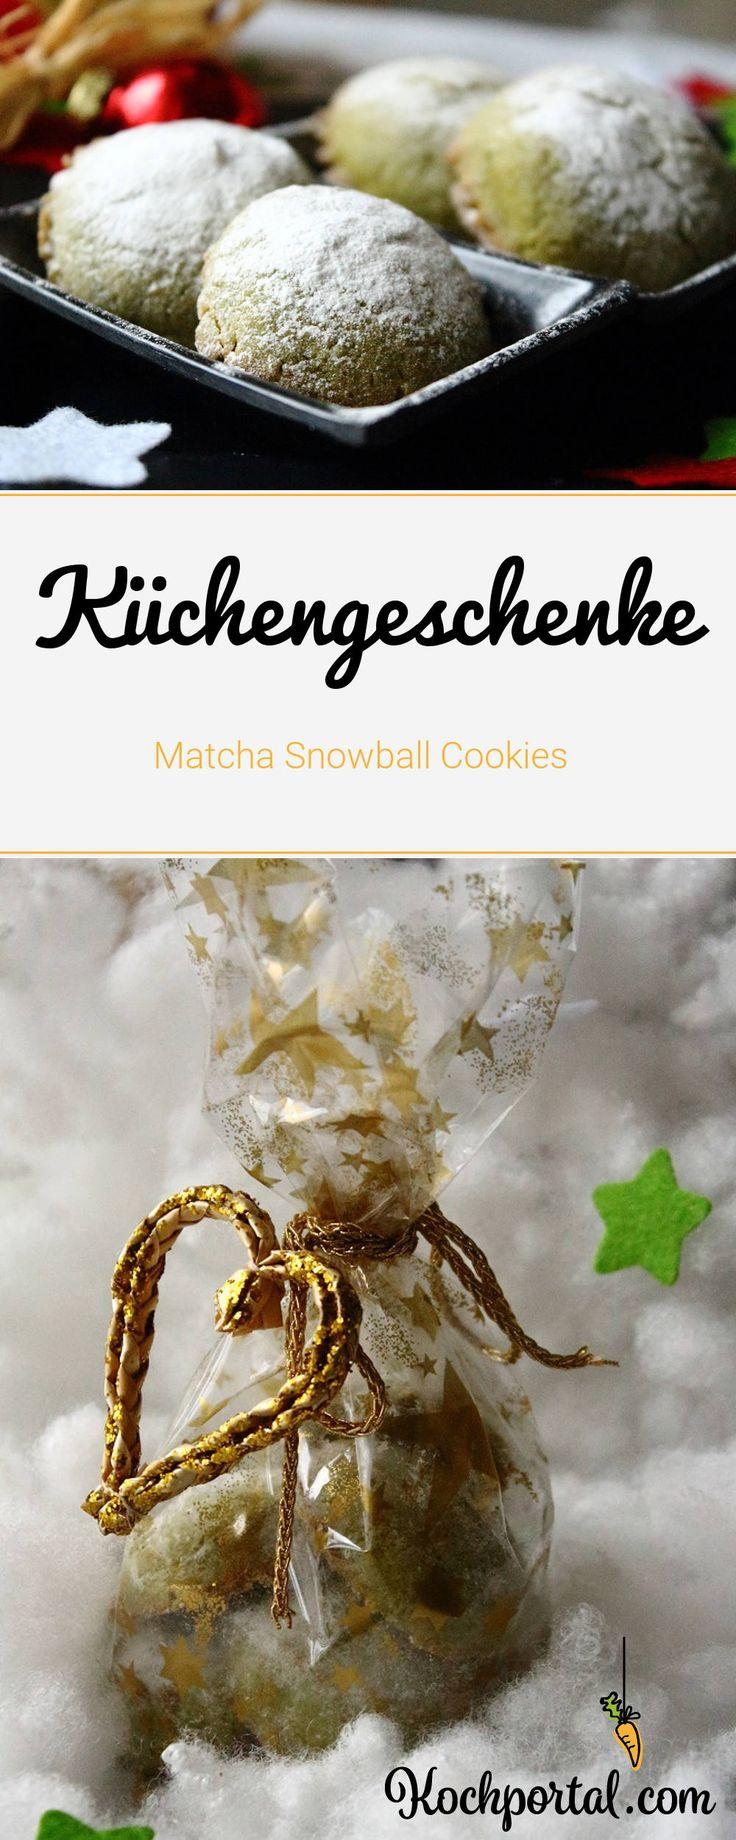 Geschenke aus der Küche - Matcha Snowball Cookies - Kekse mit Matcha - Geschenkidee zu Weihnachten - Plätzchen backen im Winter - ausgefallene Rezepte für Weihnachtsplätzchen